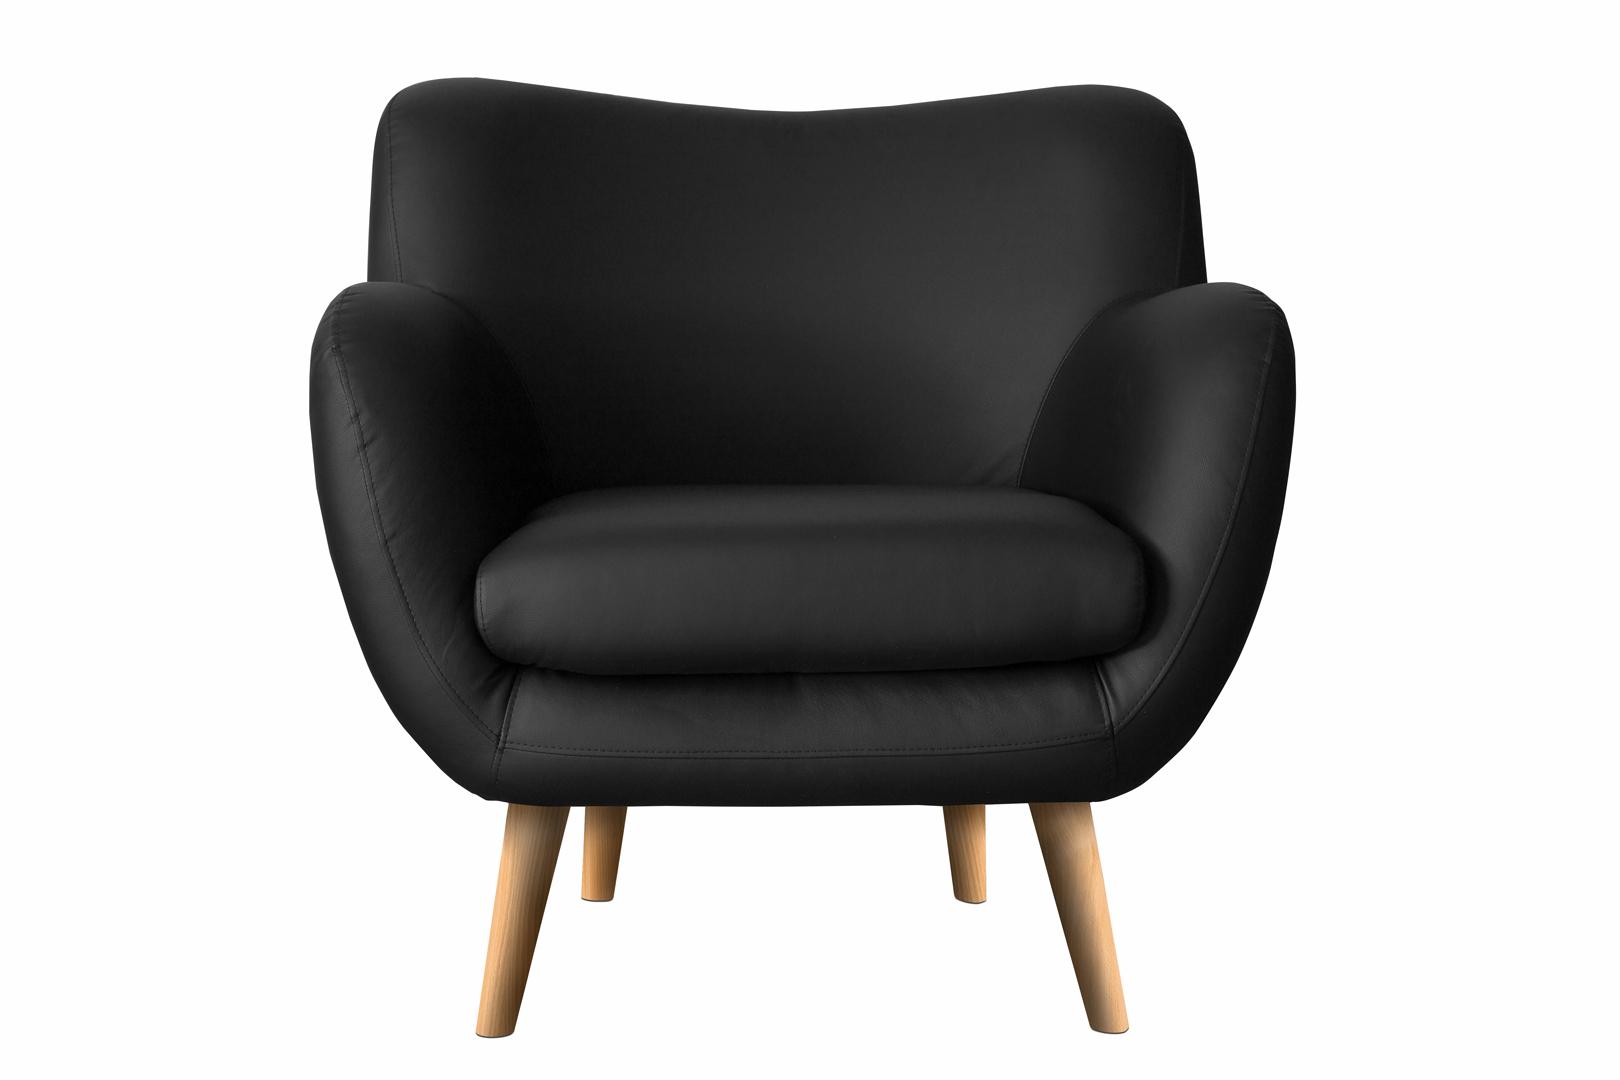 Fauteuil fixe design en PU noir Axelle